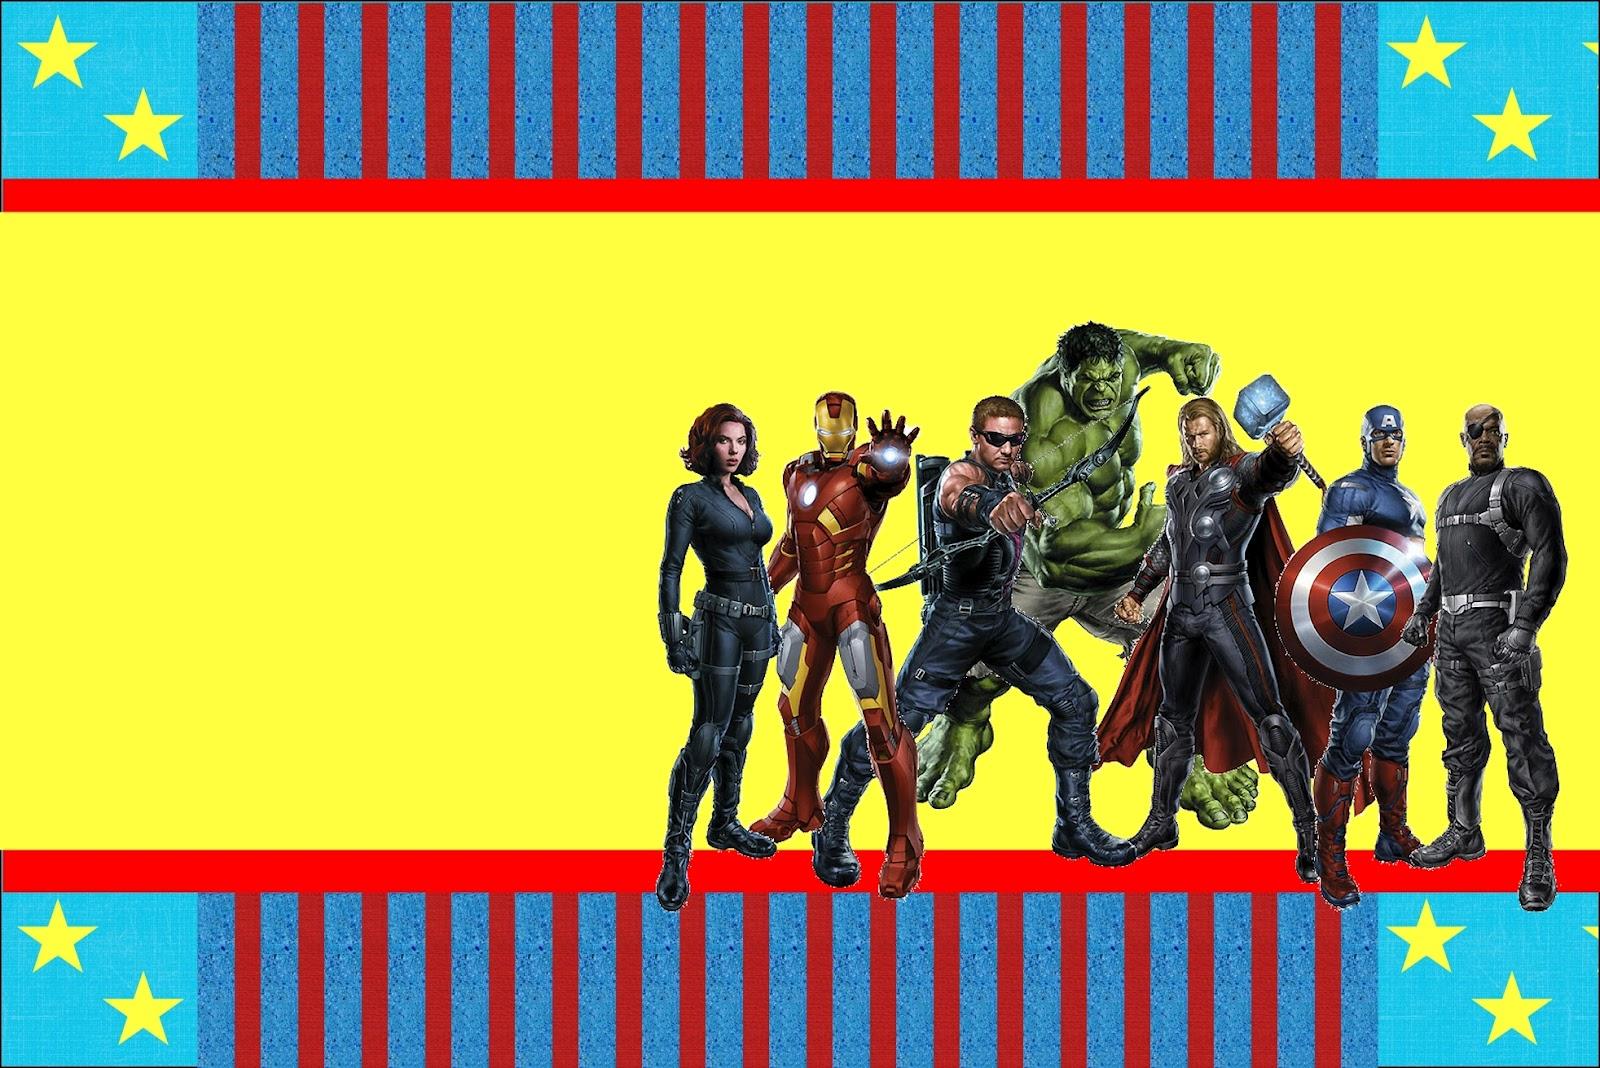 Imprimibles de los Vengadores. : Ideas y material gratis para fiestas ...